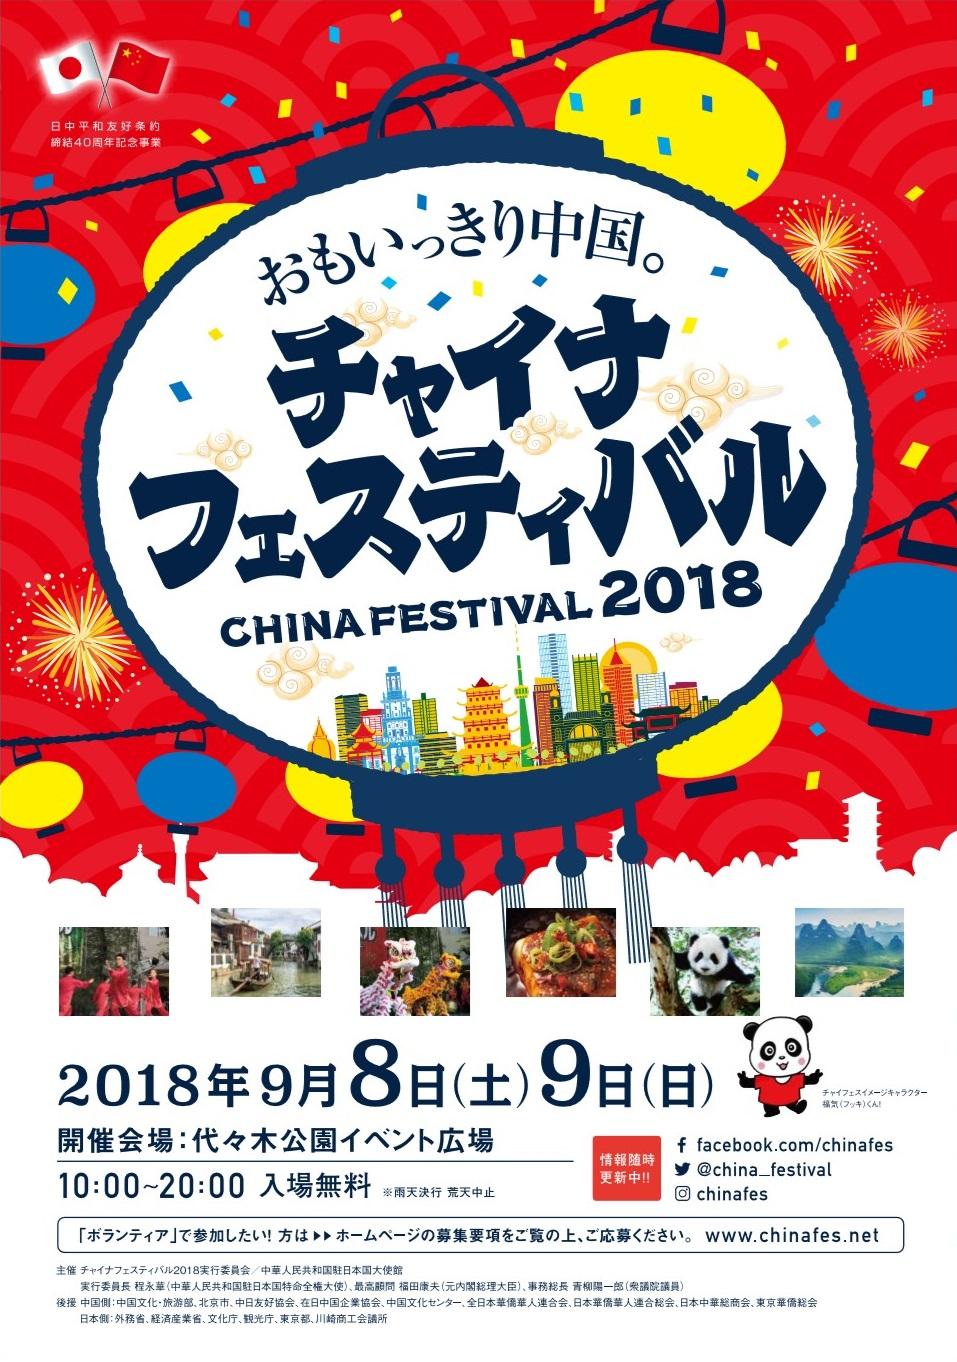 チェイナフェスティバル2018